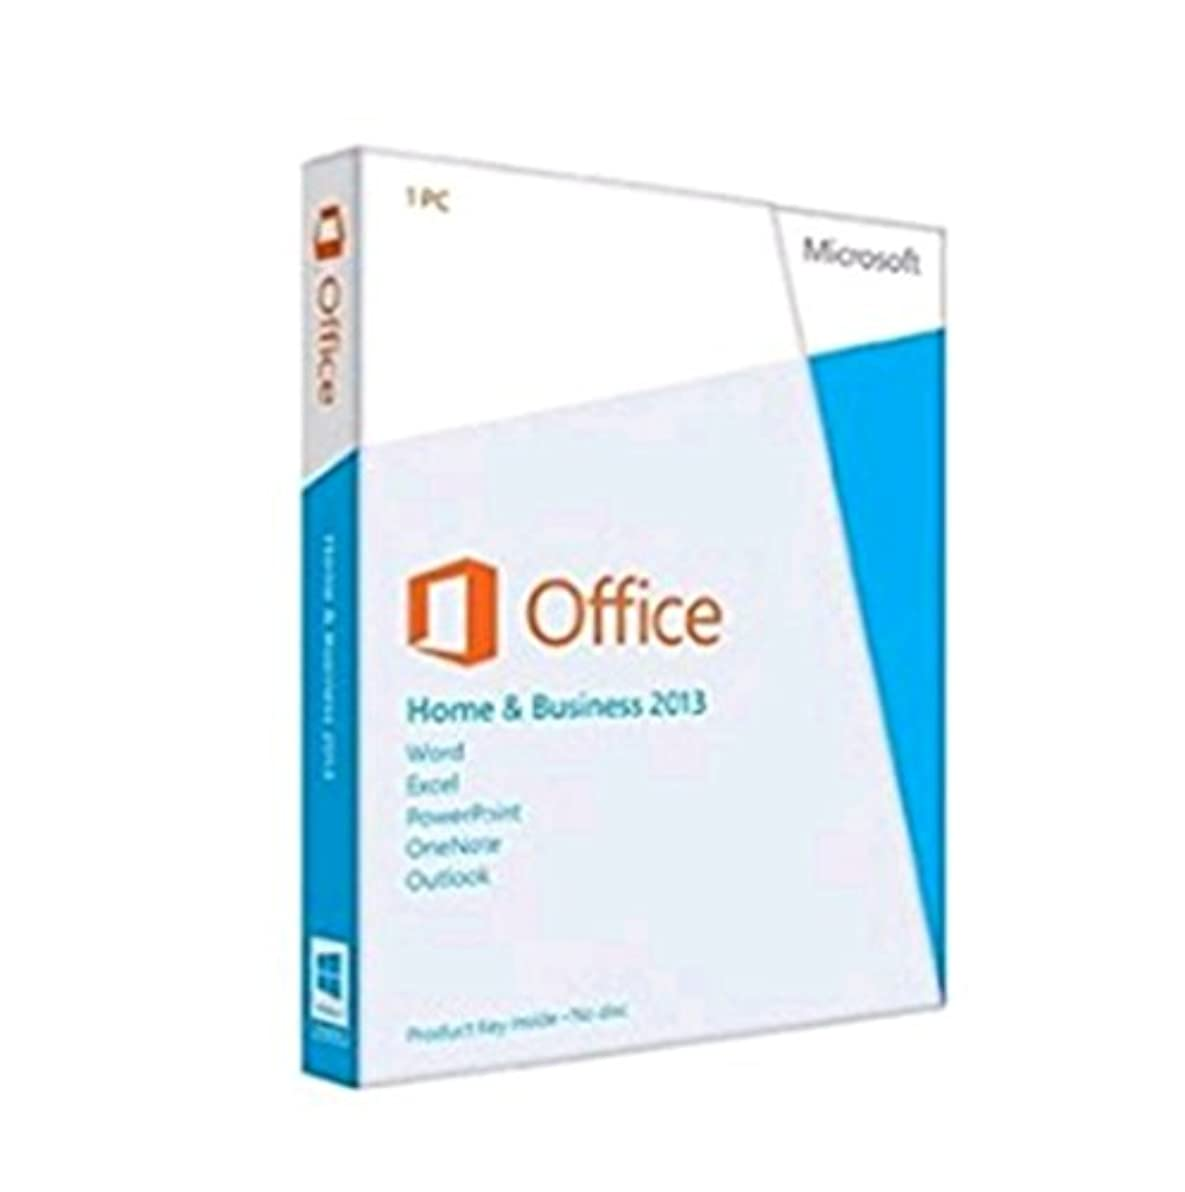 無心リフトよく話されるOffice Home and Business 2013 通常版 日本語版 プロダクトキー付